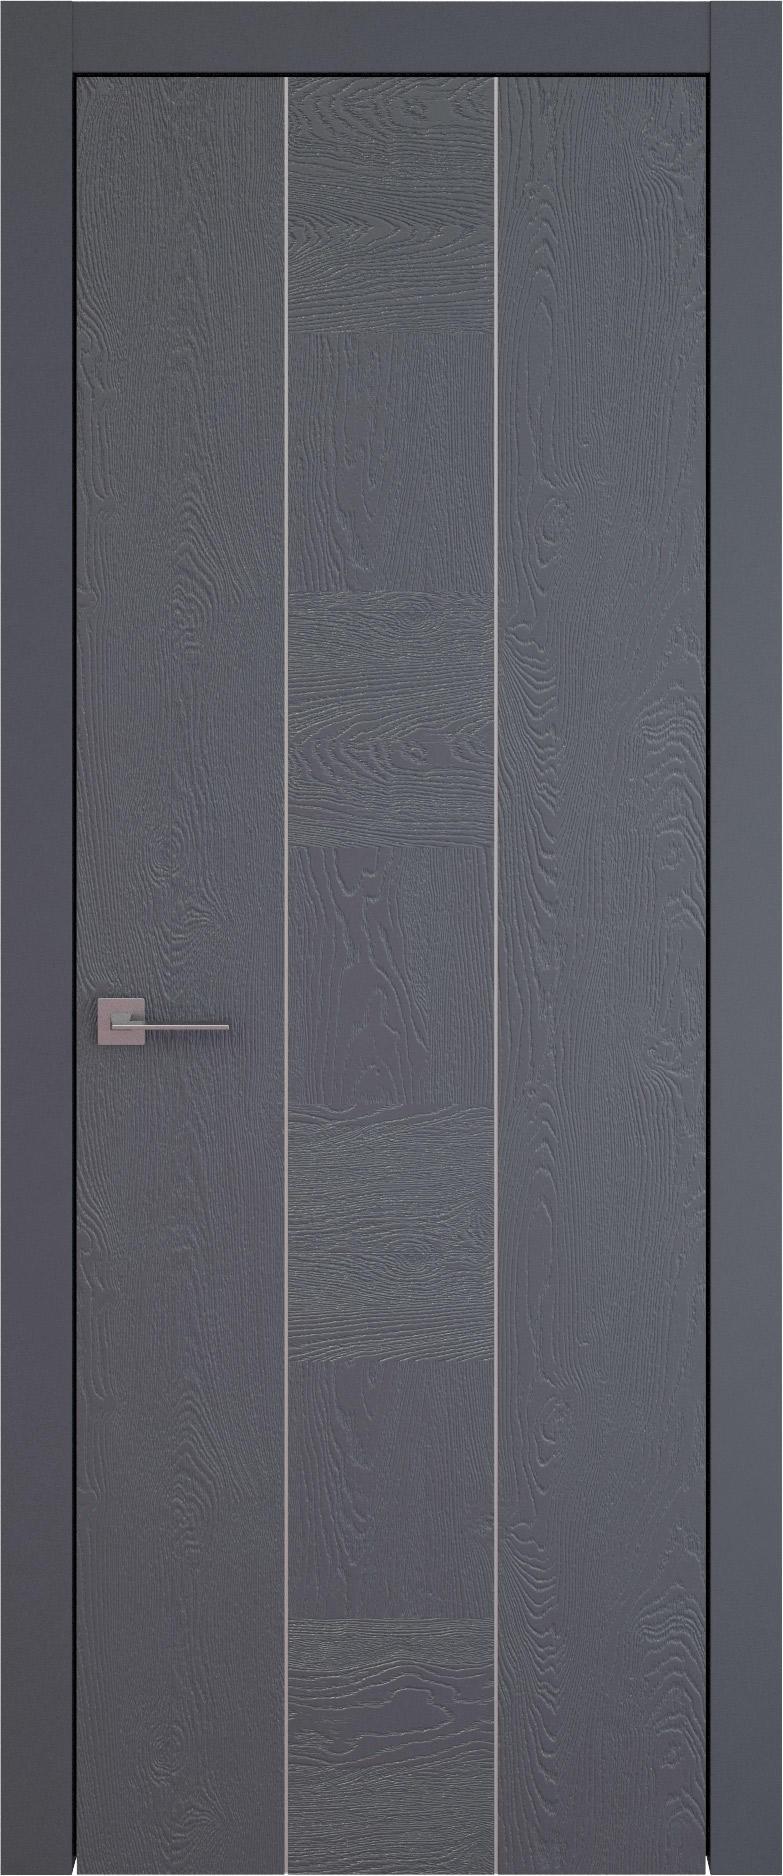 Tivoli Б-1 цвет - Графитово-серая эмаль по шпону (RAL 7024) Без стекла (ДГ)